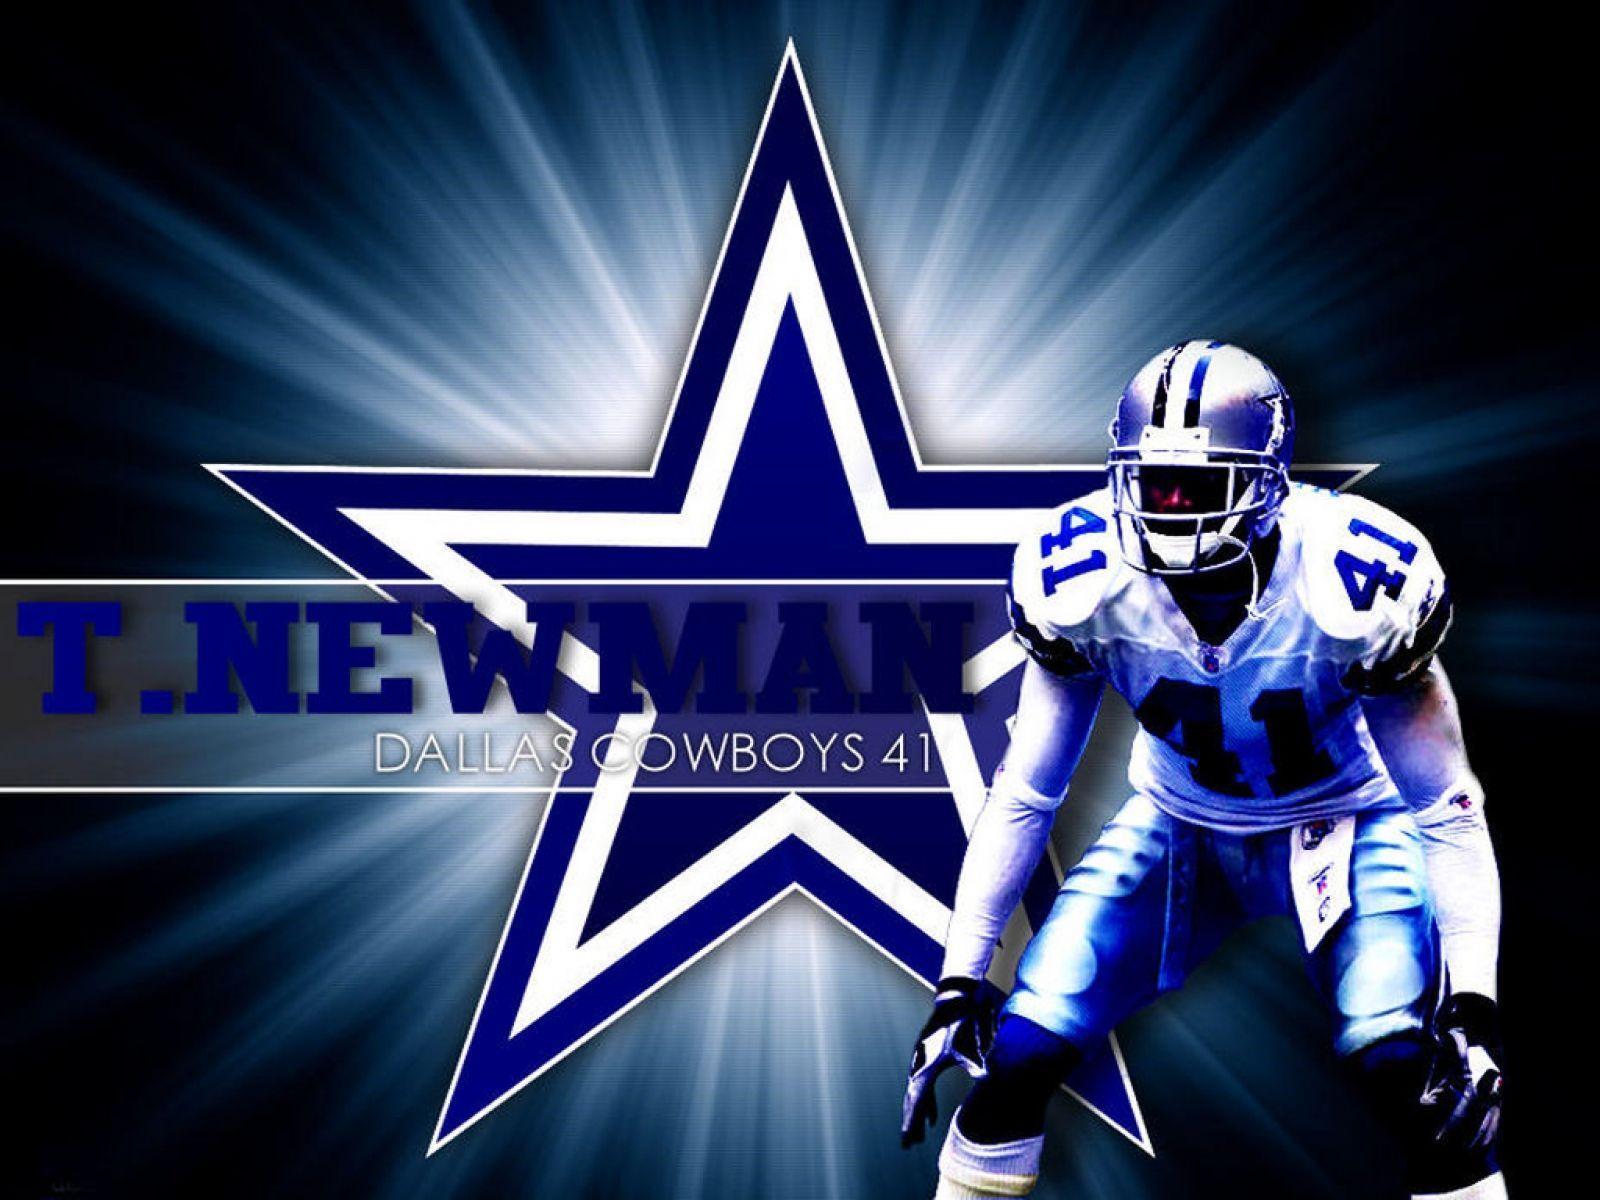 Dallas Cowboys wallpapers | Dallas Cowboys background